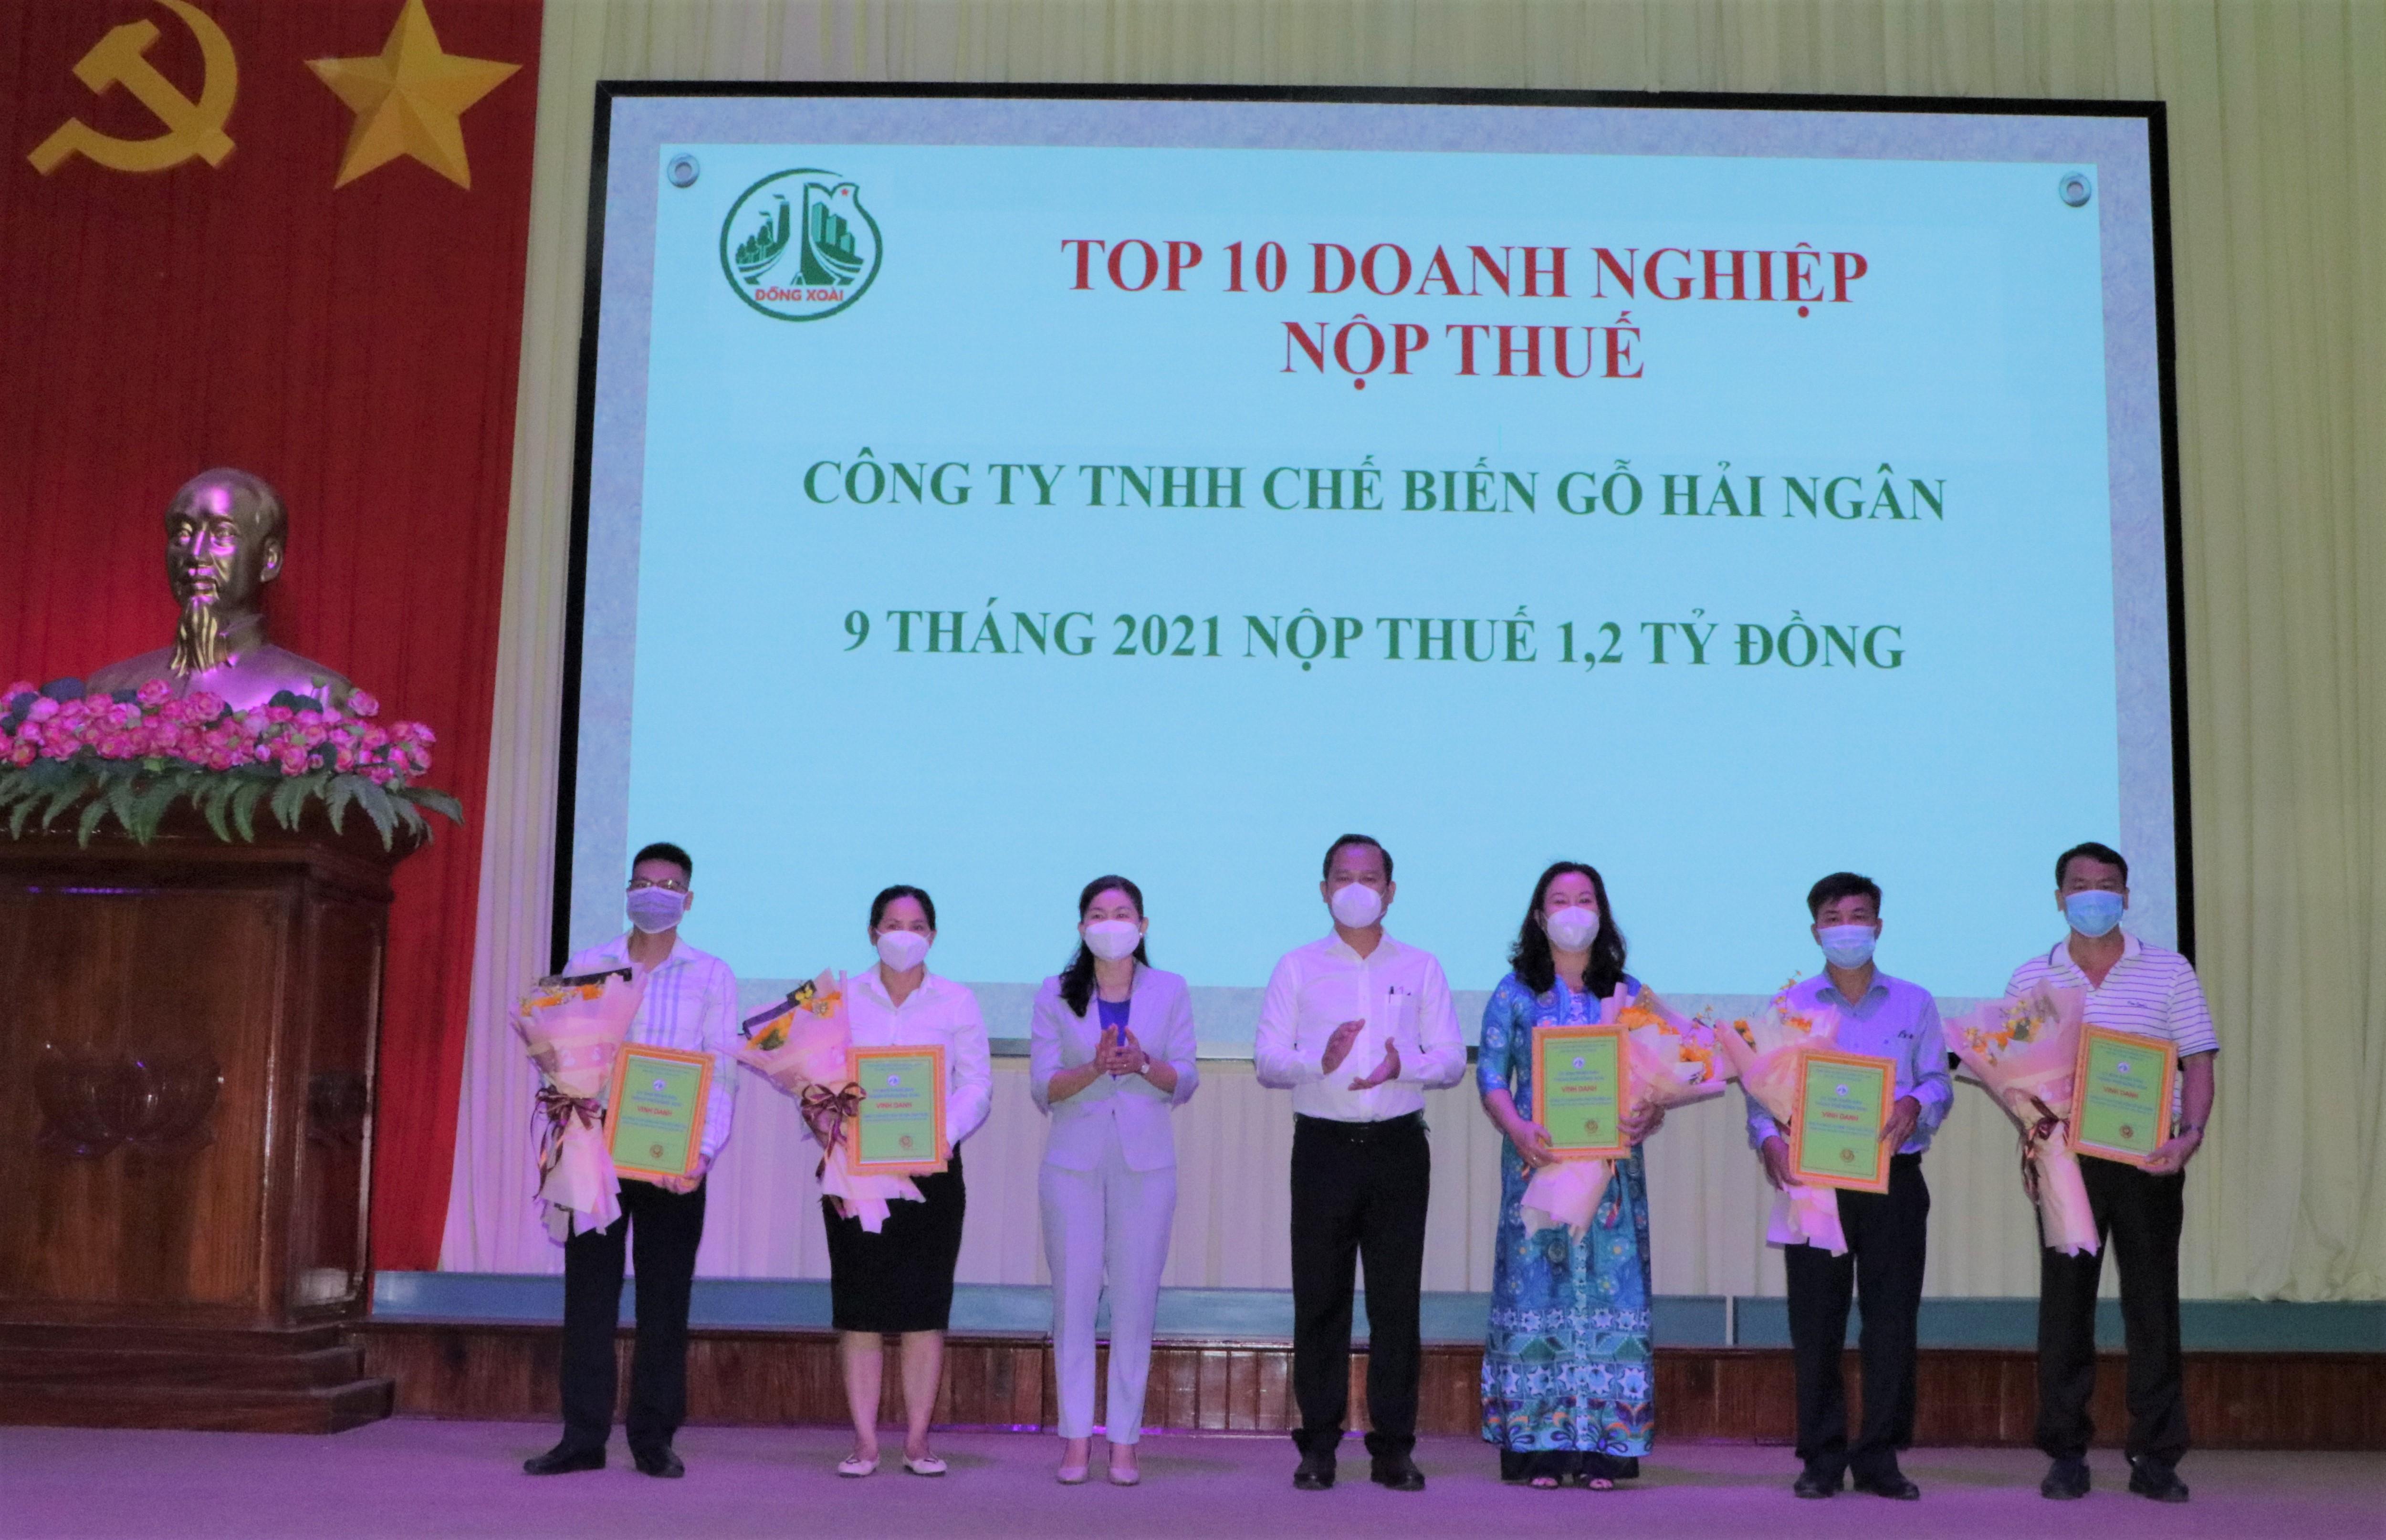 Đồng Xoài: vinh danh 28 doanh nghiệp, doanh nhân tiêu biểu nhân ngày doanh nhân Việt Nam